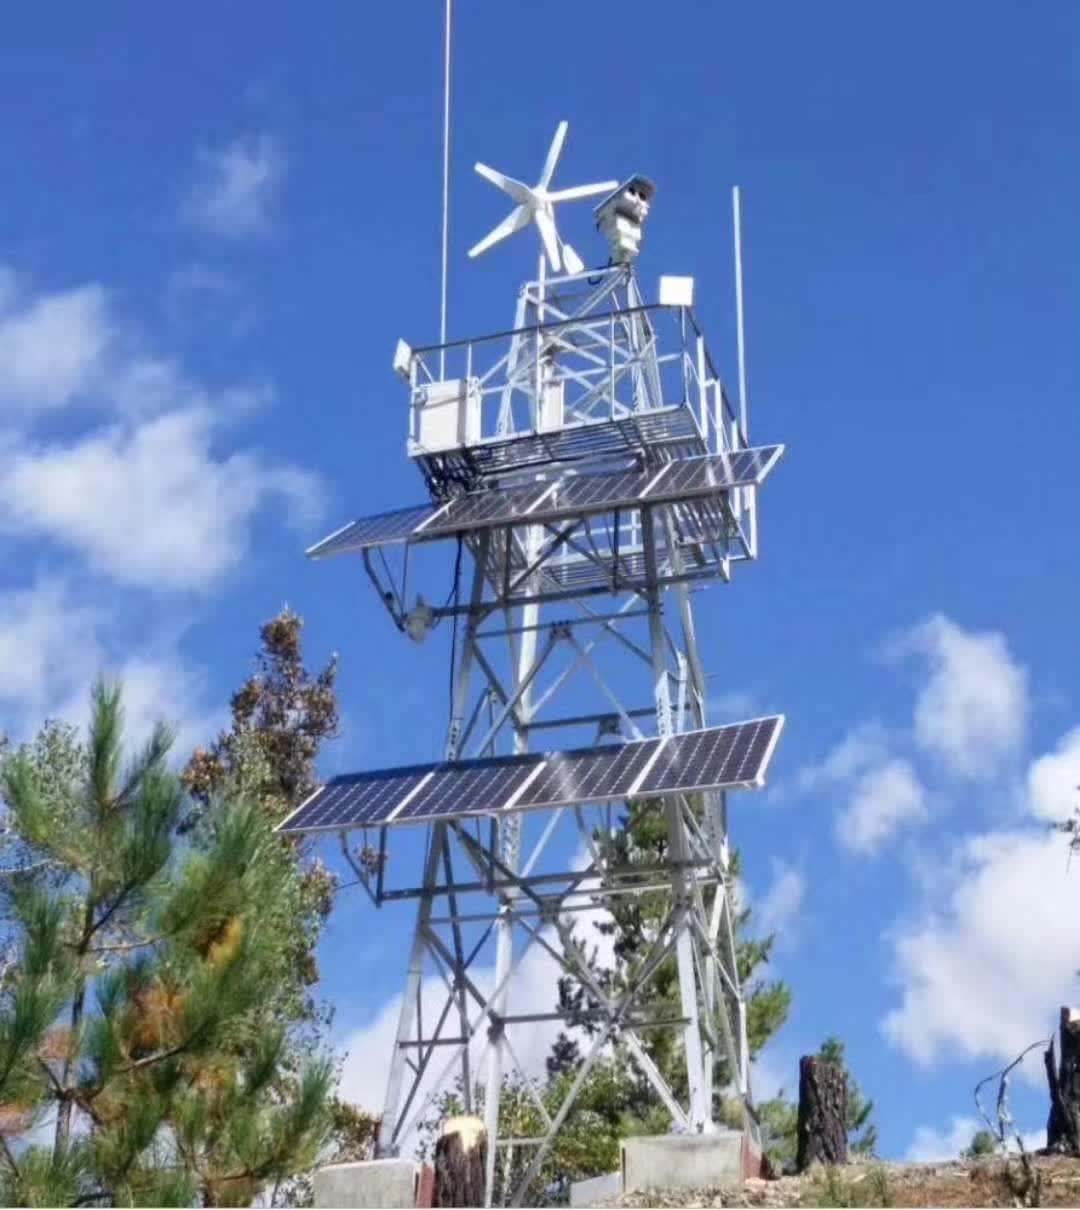 监控塔价格-诚心为您推荐衡水地区品牌好的监控塔